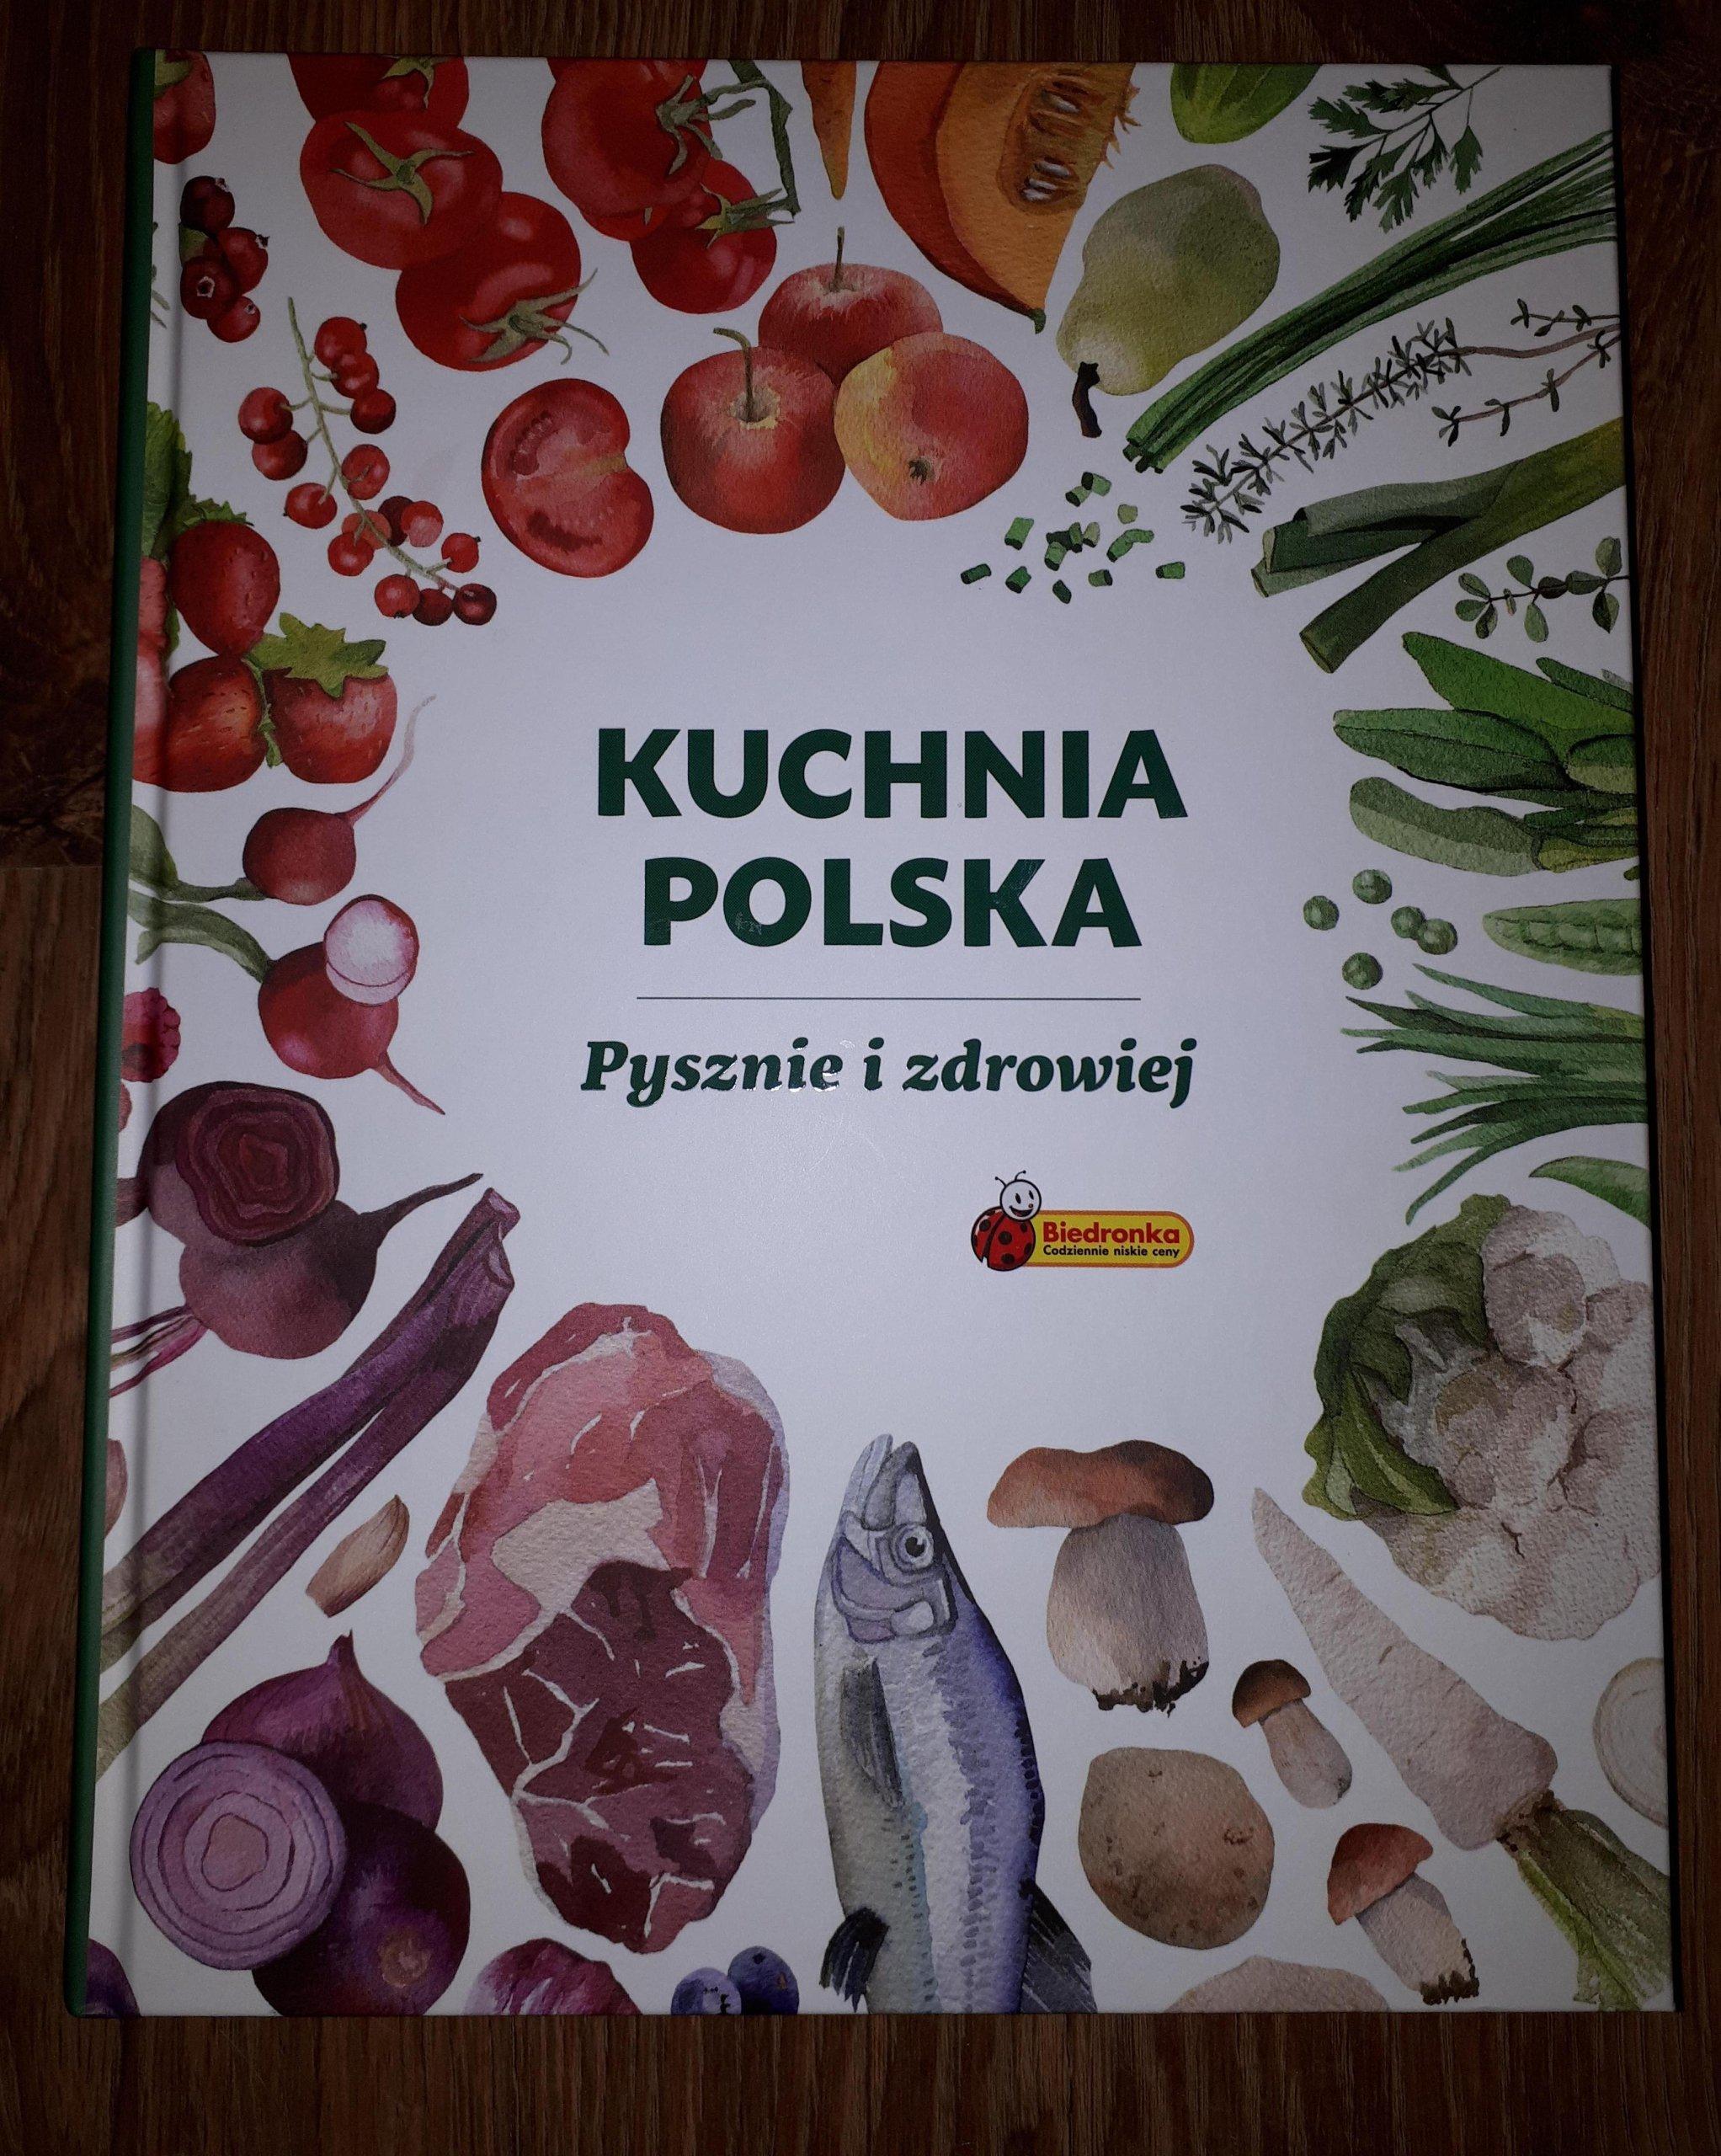 Kuchnia Potrawy Kalisz W Oficjalnym Archiwum Allegro Archiwum Ofert